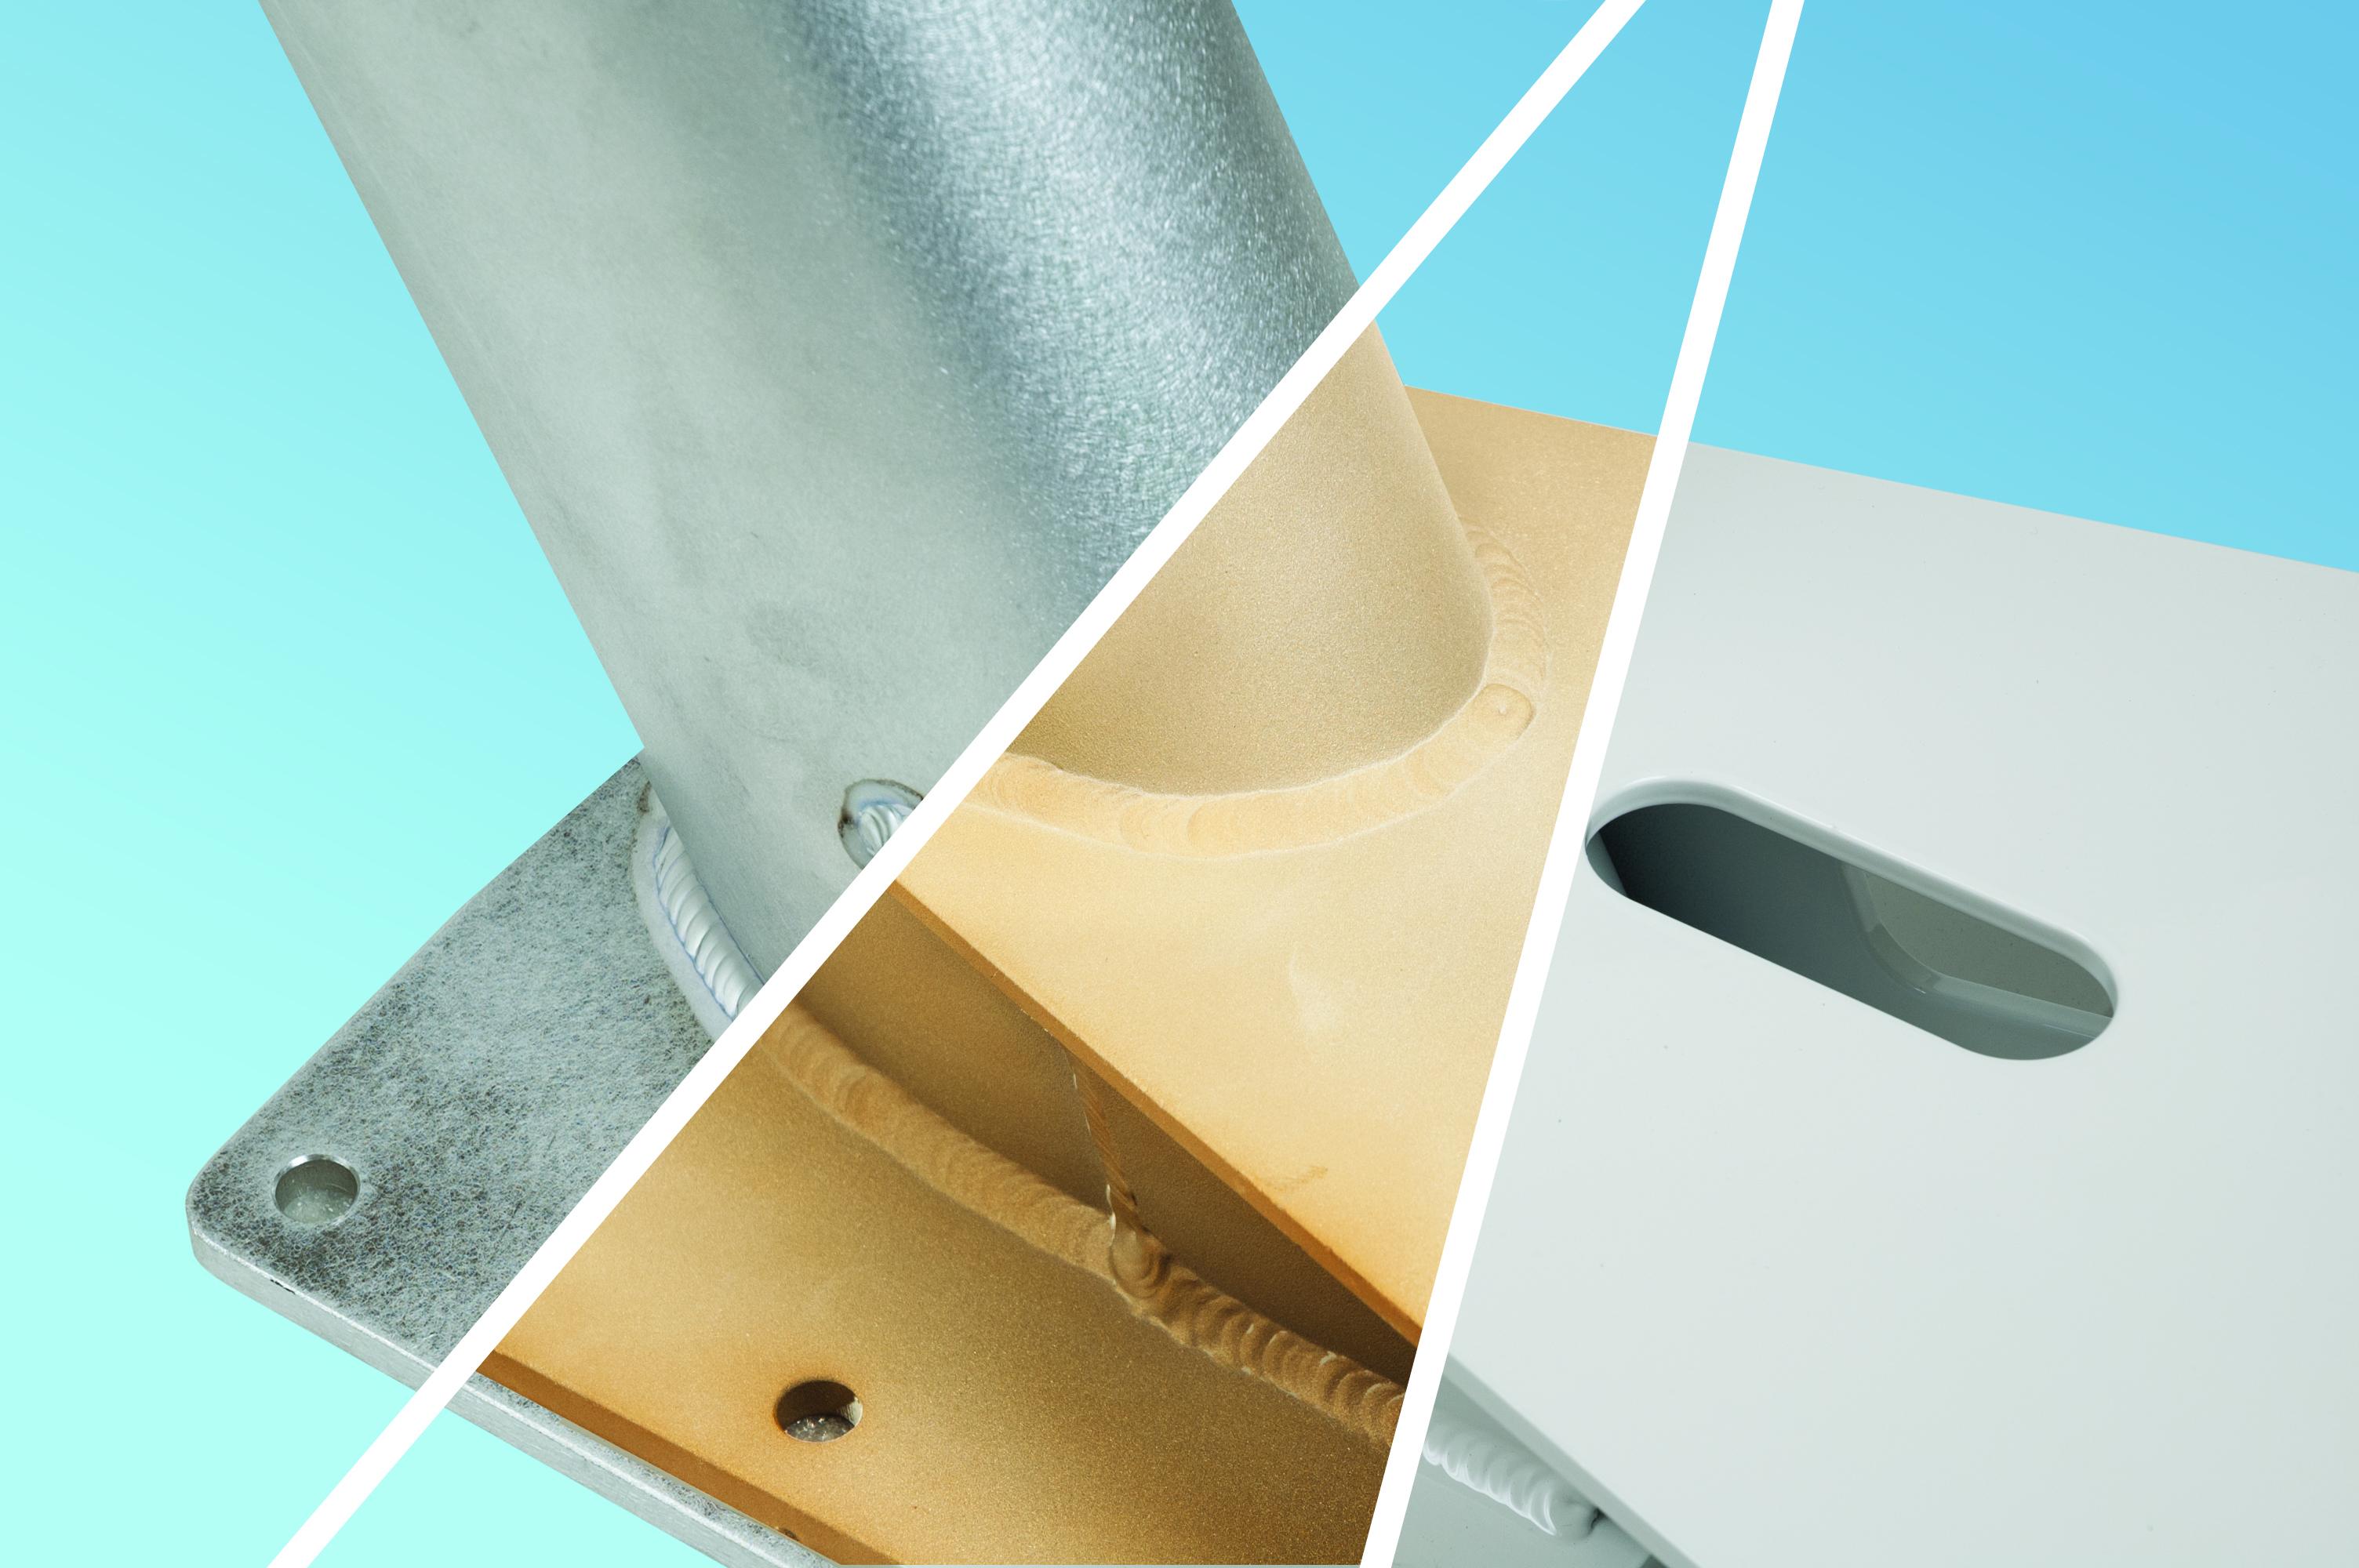 Les supports Seaview sont traités avec le procédé Chem Film utilisé par Boeing